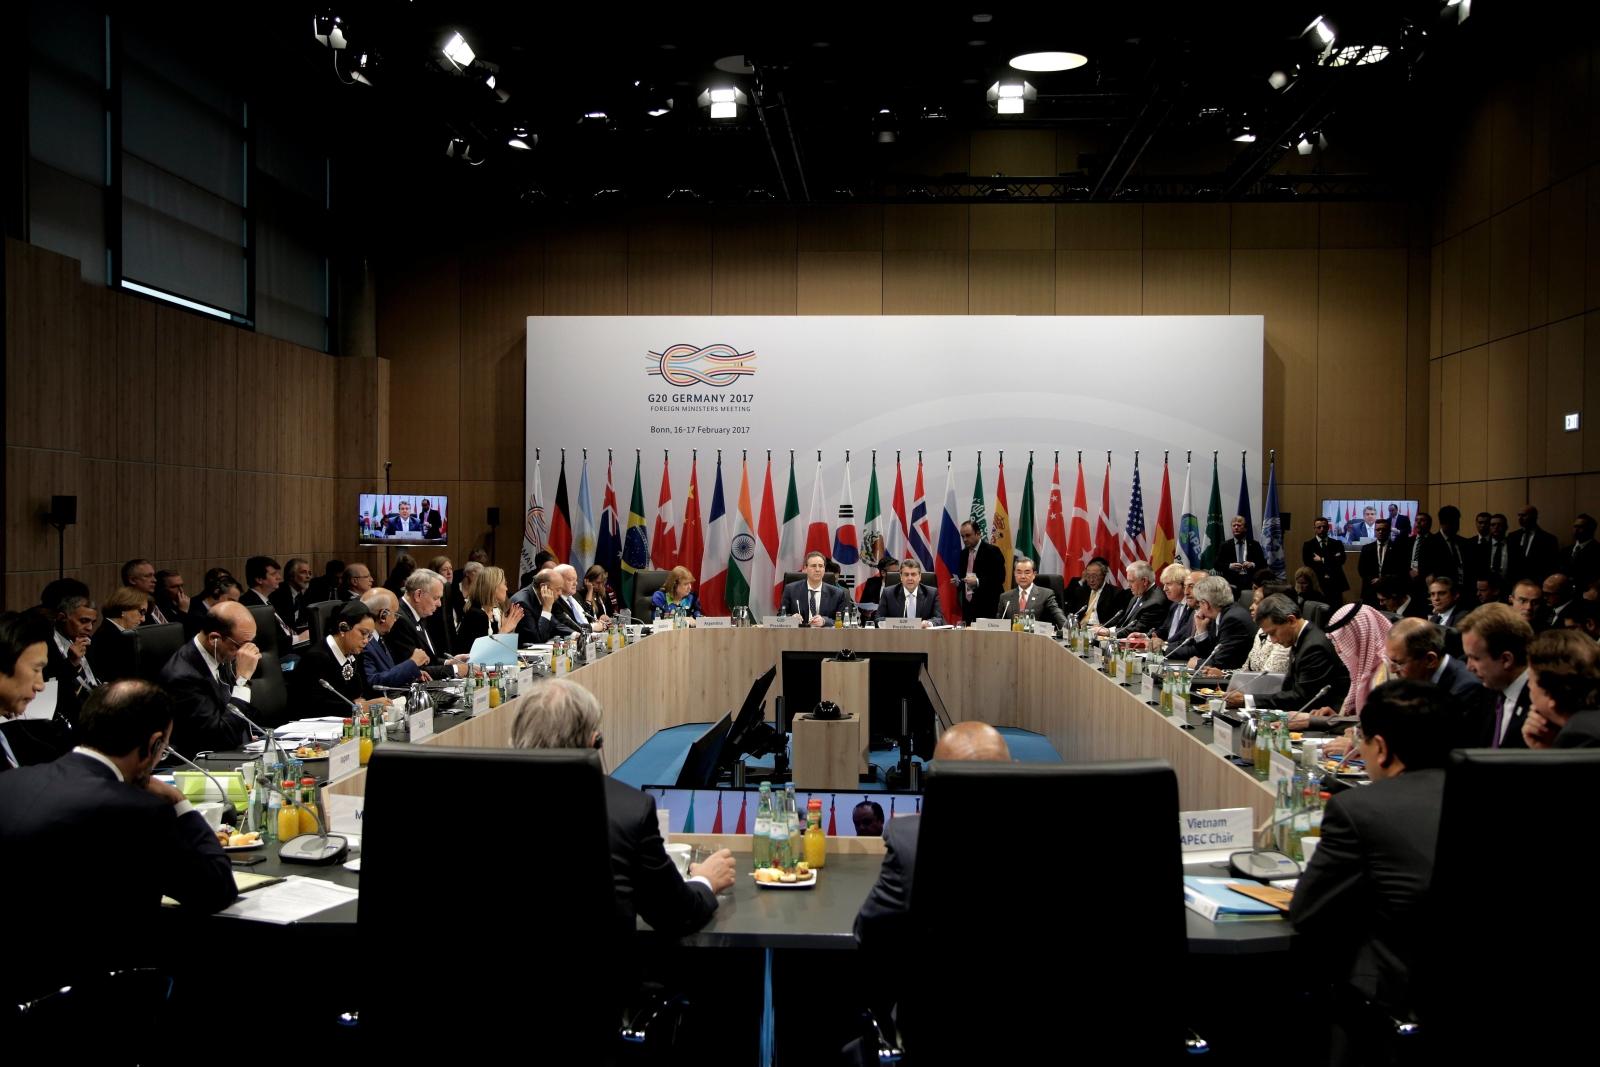 Szczyt G20 w Niemczech - spotkanie ministrów z całęgo świata. Fot. PAP/EPA/FRIEDEMANN VOGEL